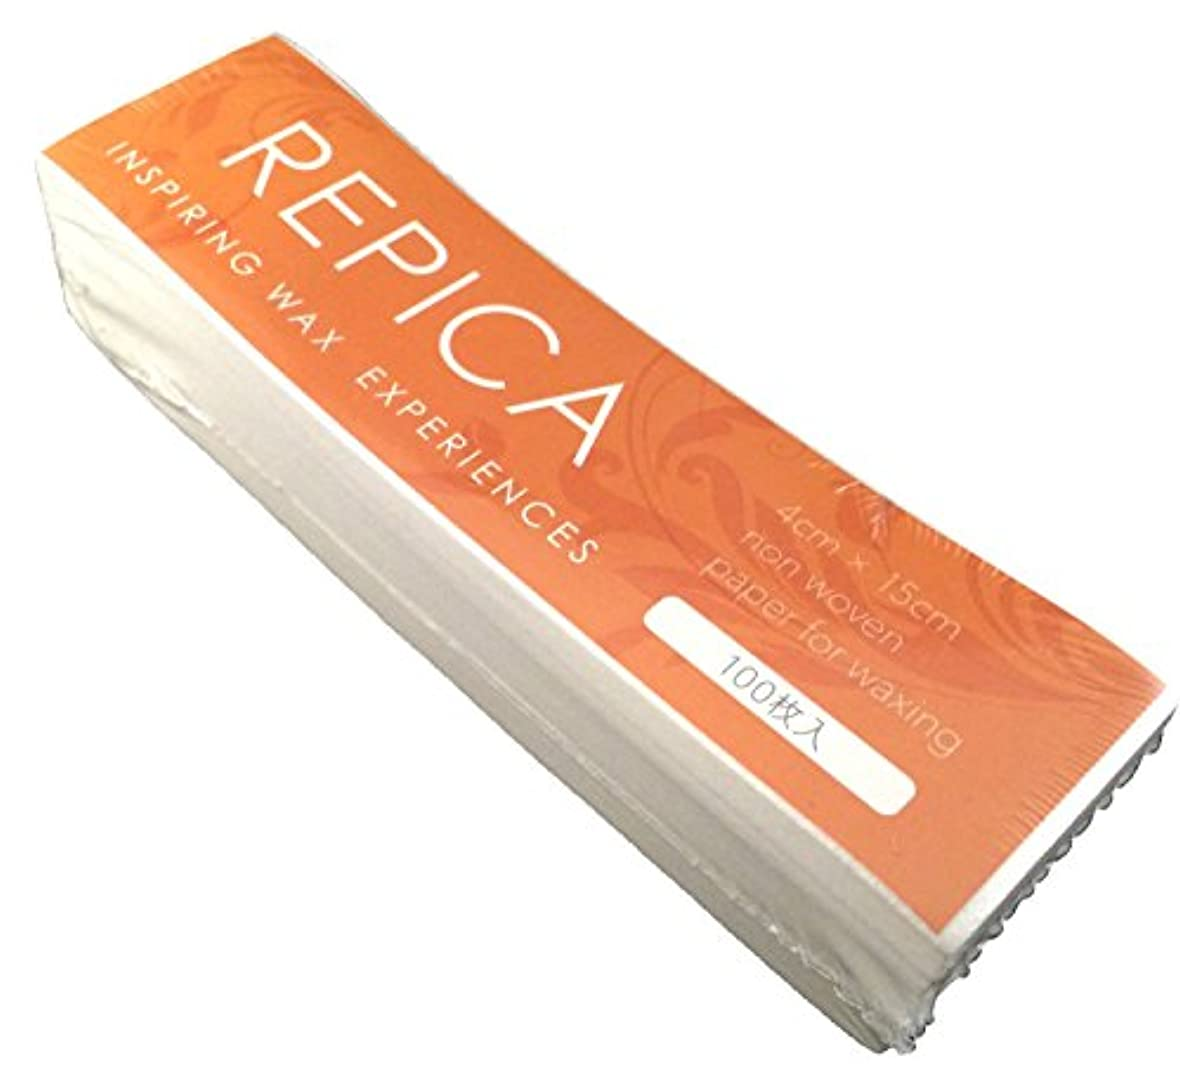 困惑赤面堤防REPICA ブラジリアンワックス脱毛 カットペーパー Sサイズ100枚入り×5個セット ワックス脱毛 ワックスシート ストリップシート